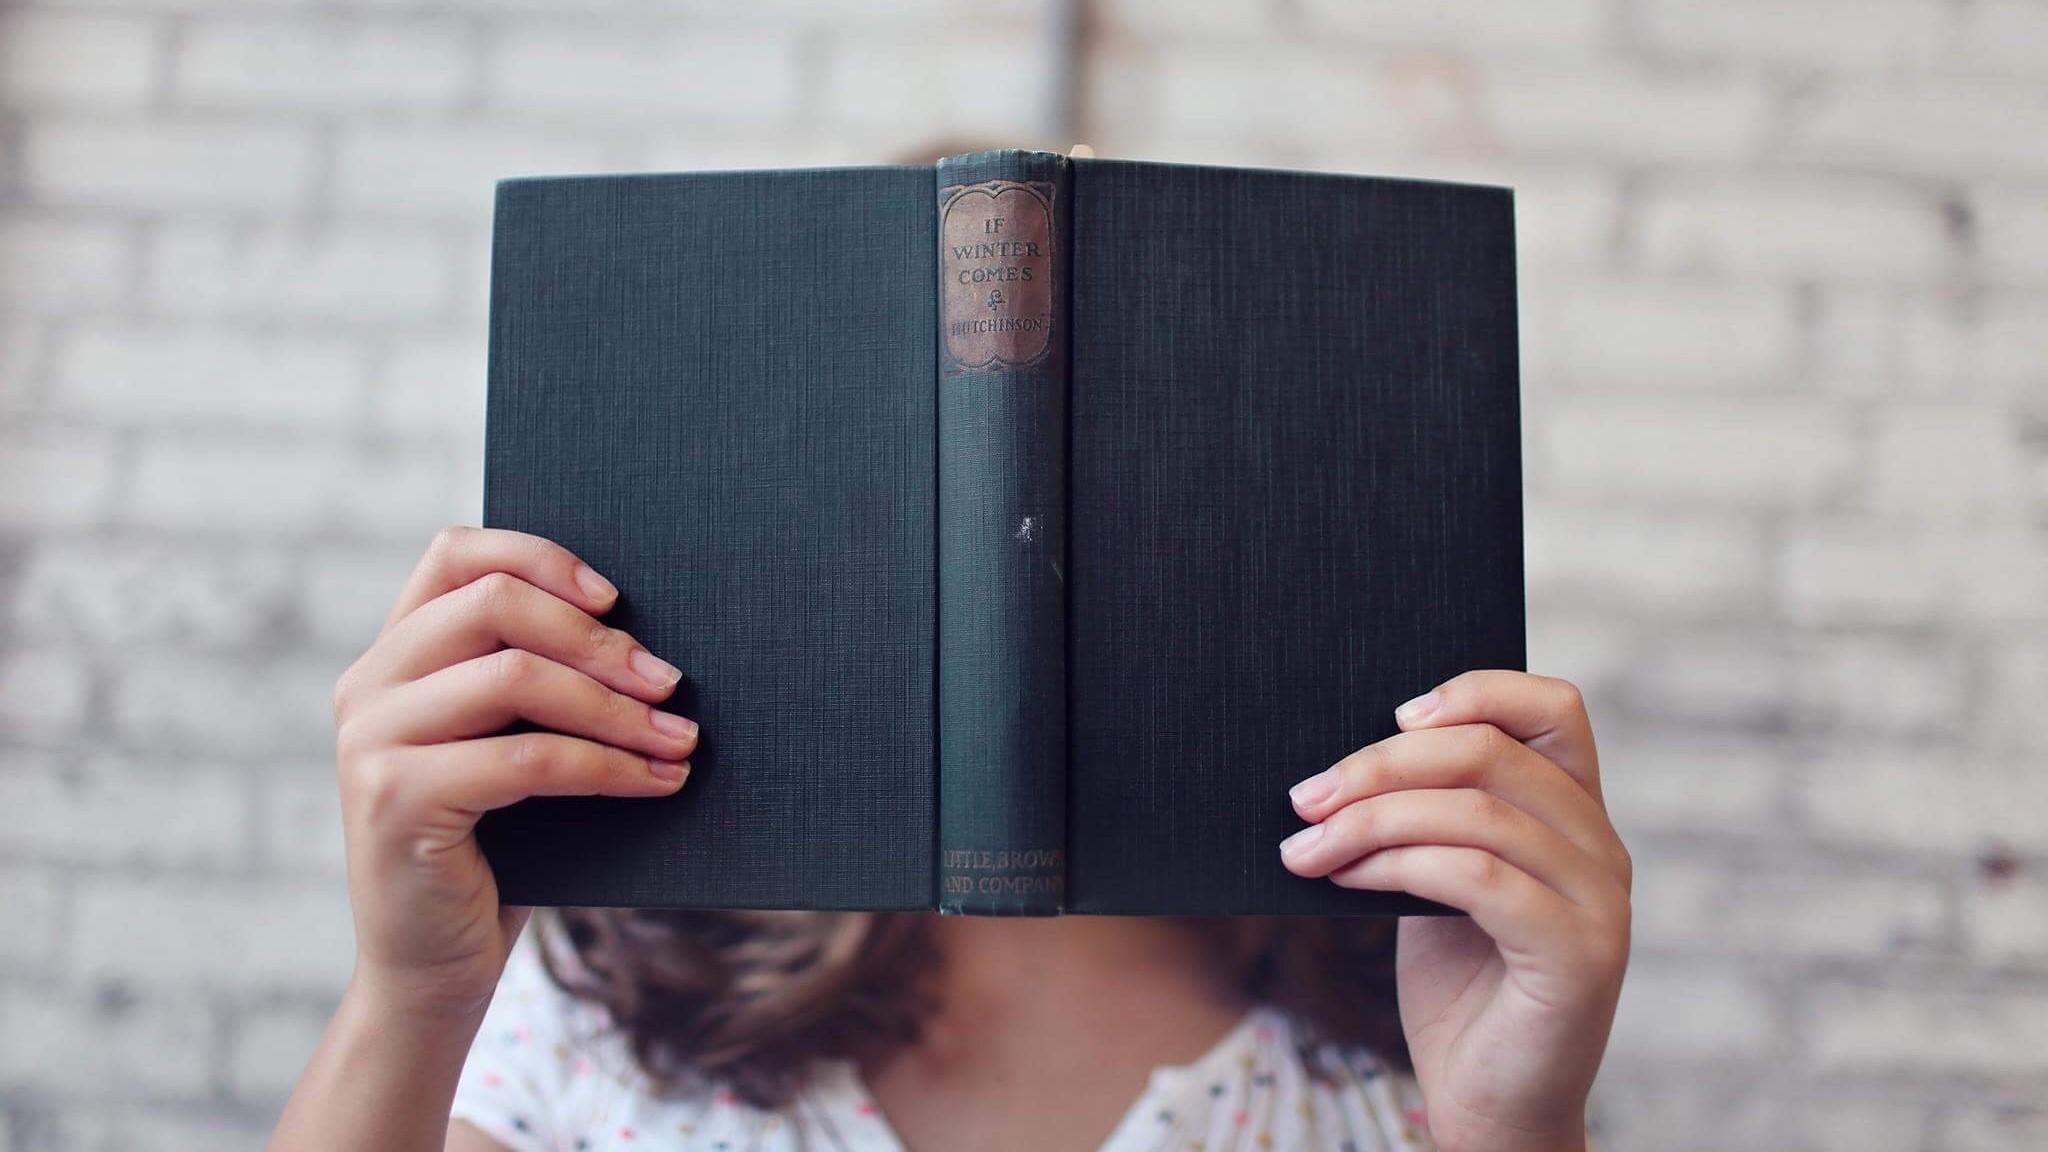 Mehr lesen funktioniert am besten, wenn Sie die Bücher wählen, die Sie interessieren.